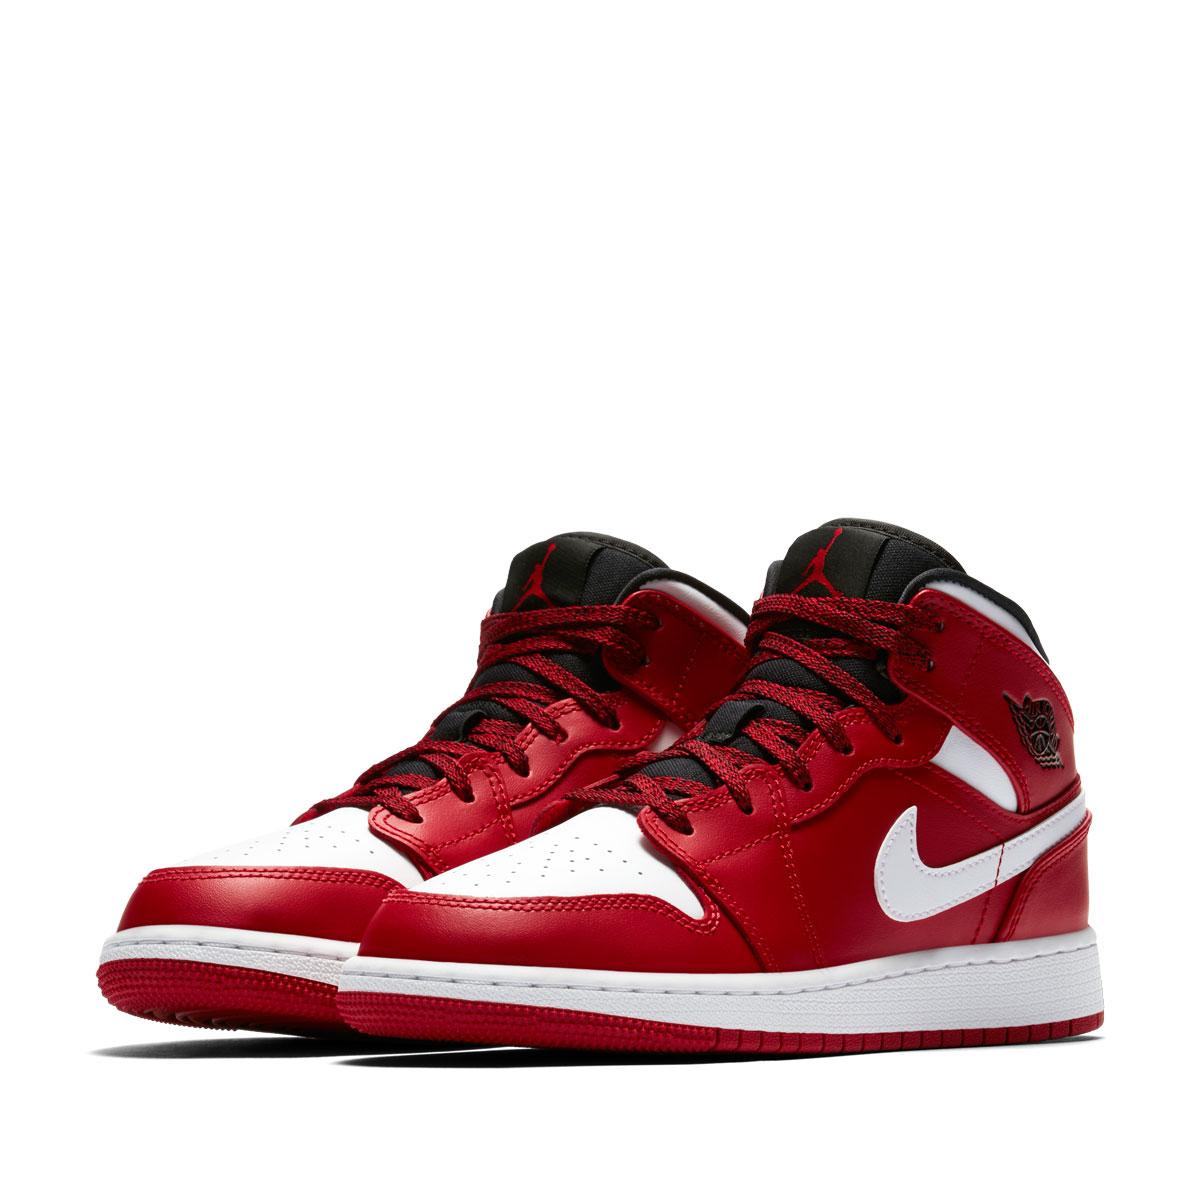 NIKE AIR JORDAN 1 MID BG (Nike Air Jordan 1 mid BG) GYM RED WHITE-BLACK  18SP-I e7113baf761e